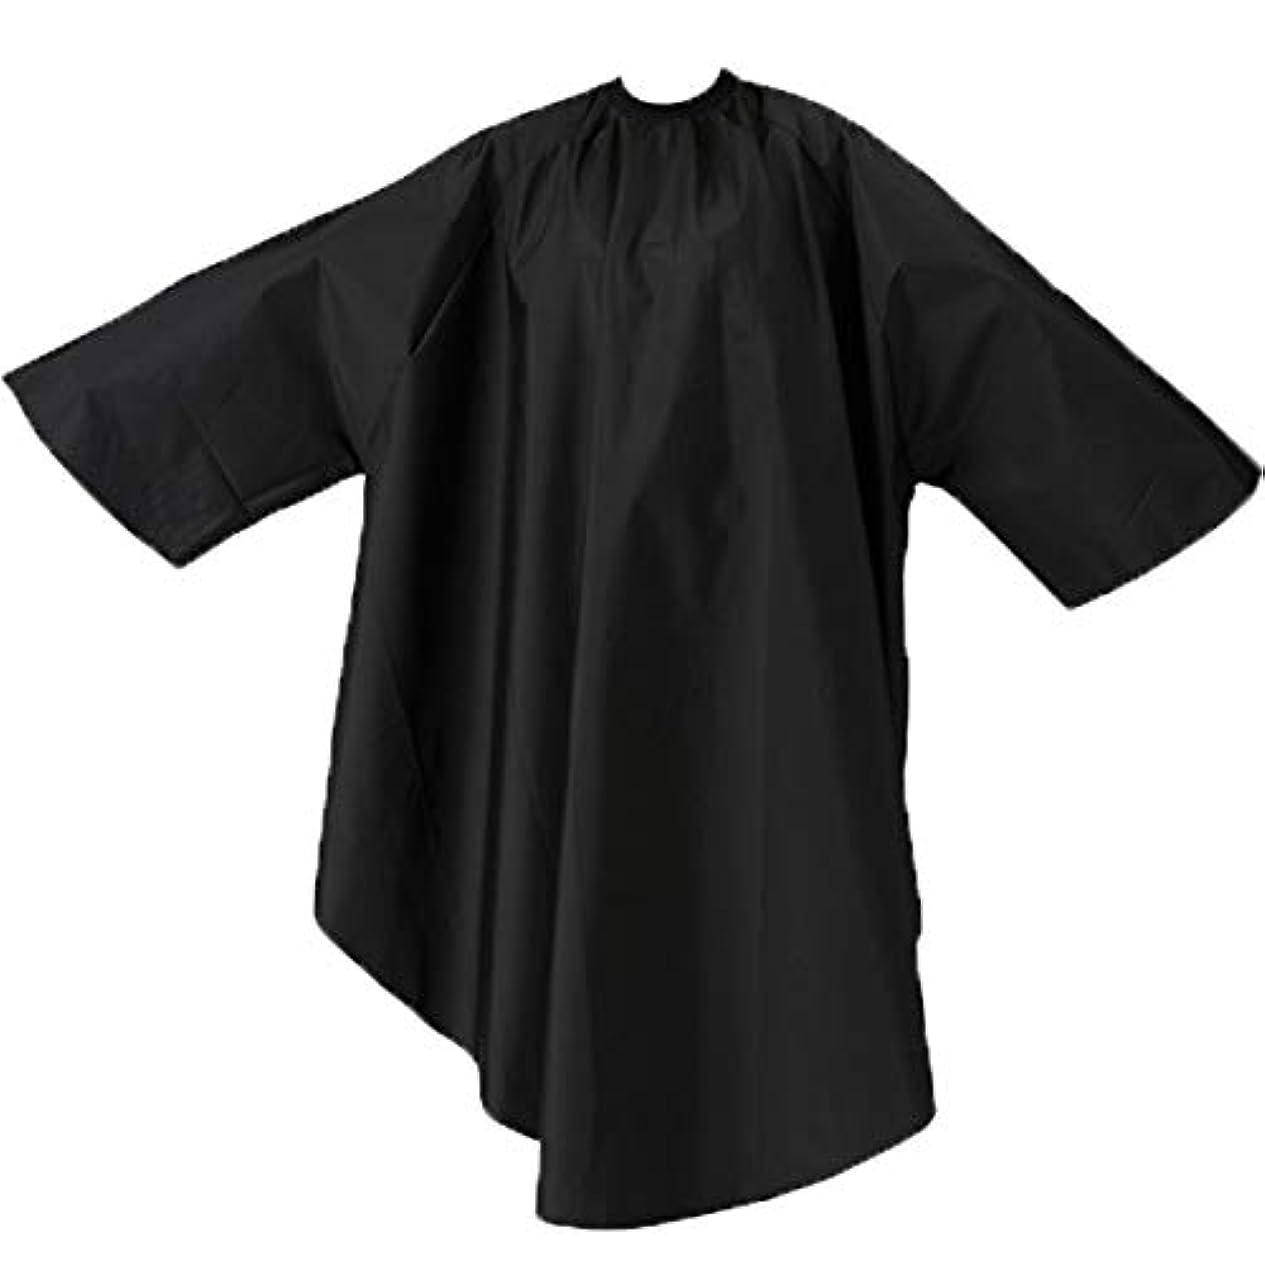 にもかかわらず無謀名前を作るエルコ 9762 ザ?クロス SKITT II 袖付 ヘアダイ&カットクロス ナイロン100% ヘアカラー/散髪ケープ/カットクロス/刈布 ELCO (首回り52cm, ブラック)